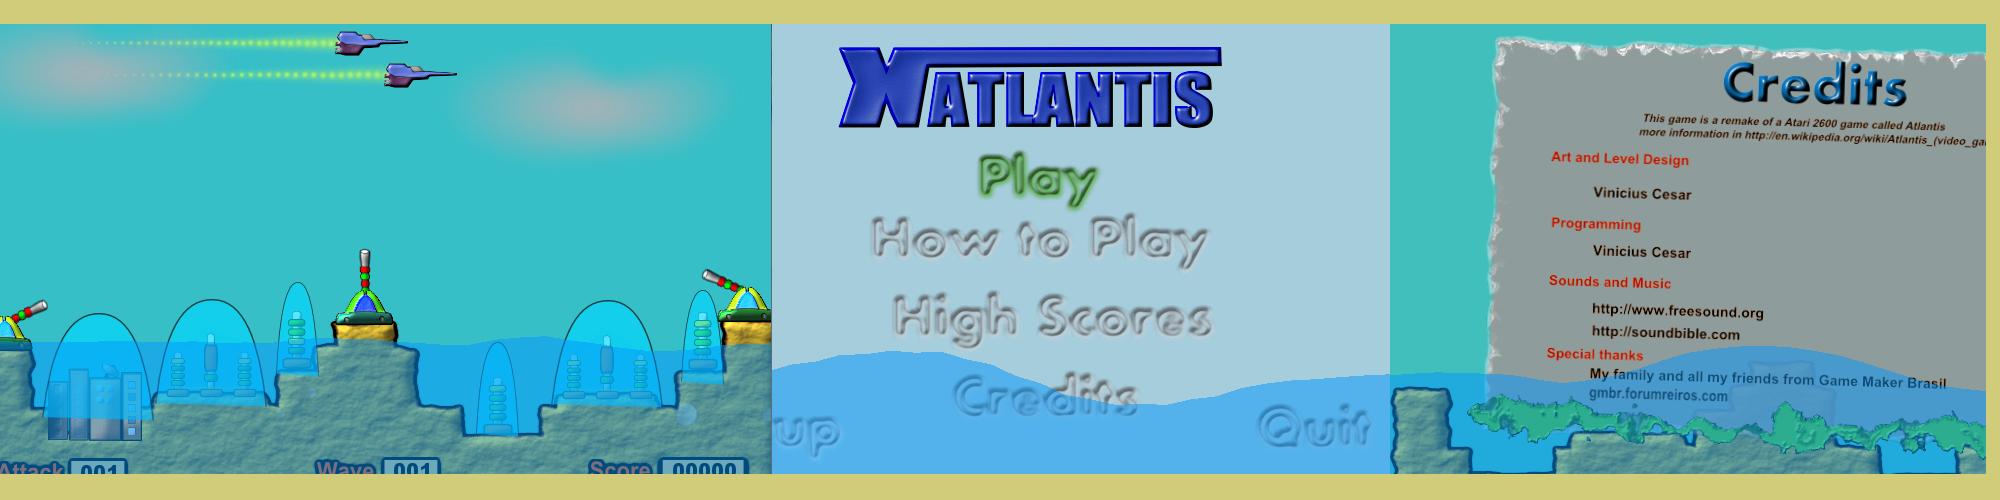 XAtlantis